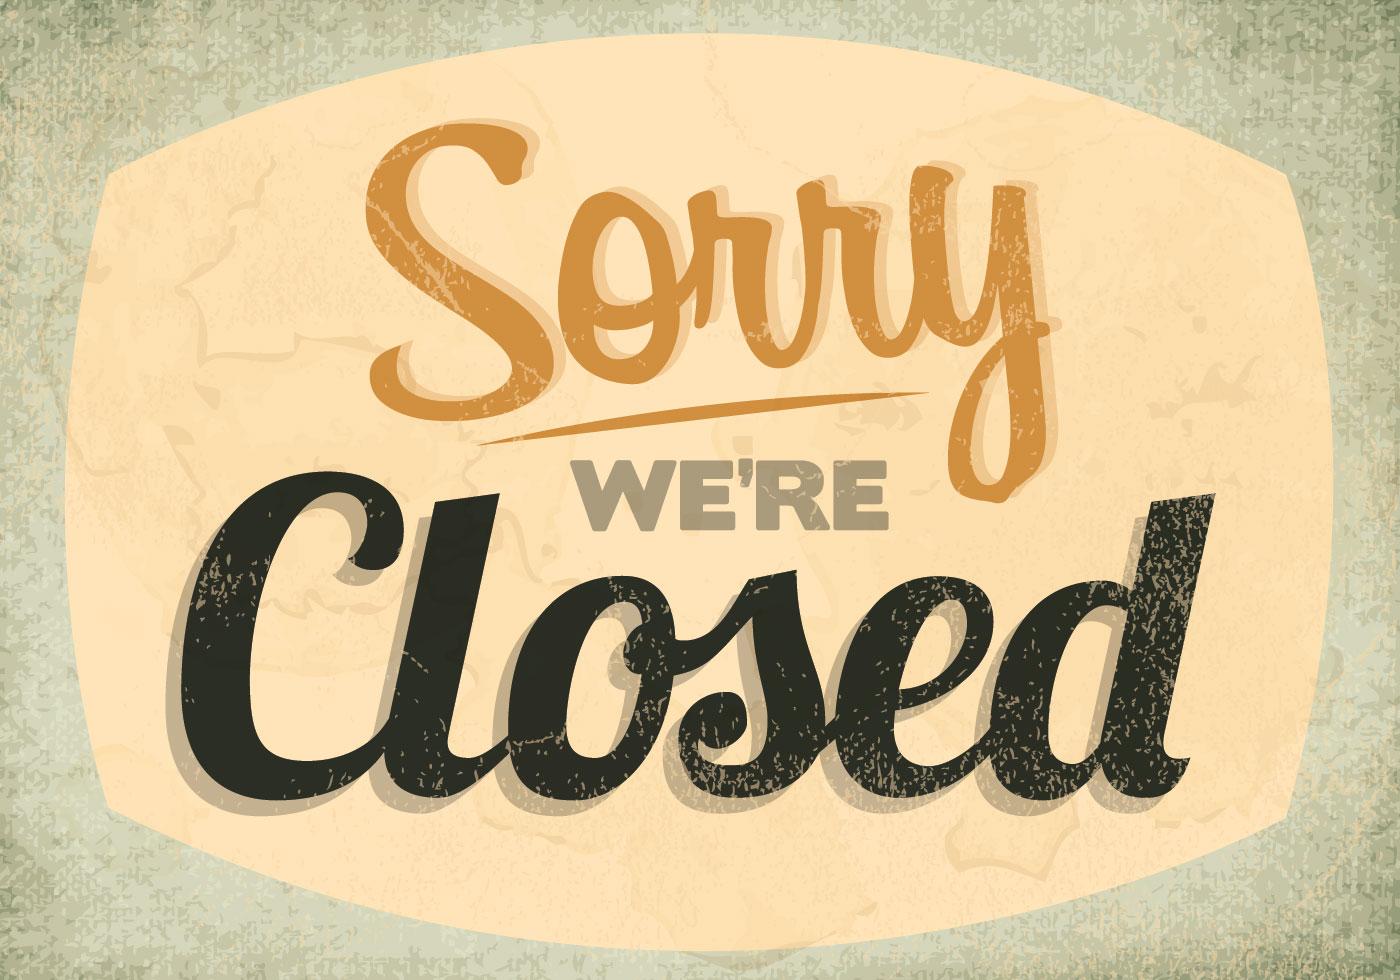 Classic Closed Sign Vector Download Free Vectors